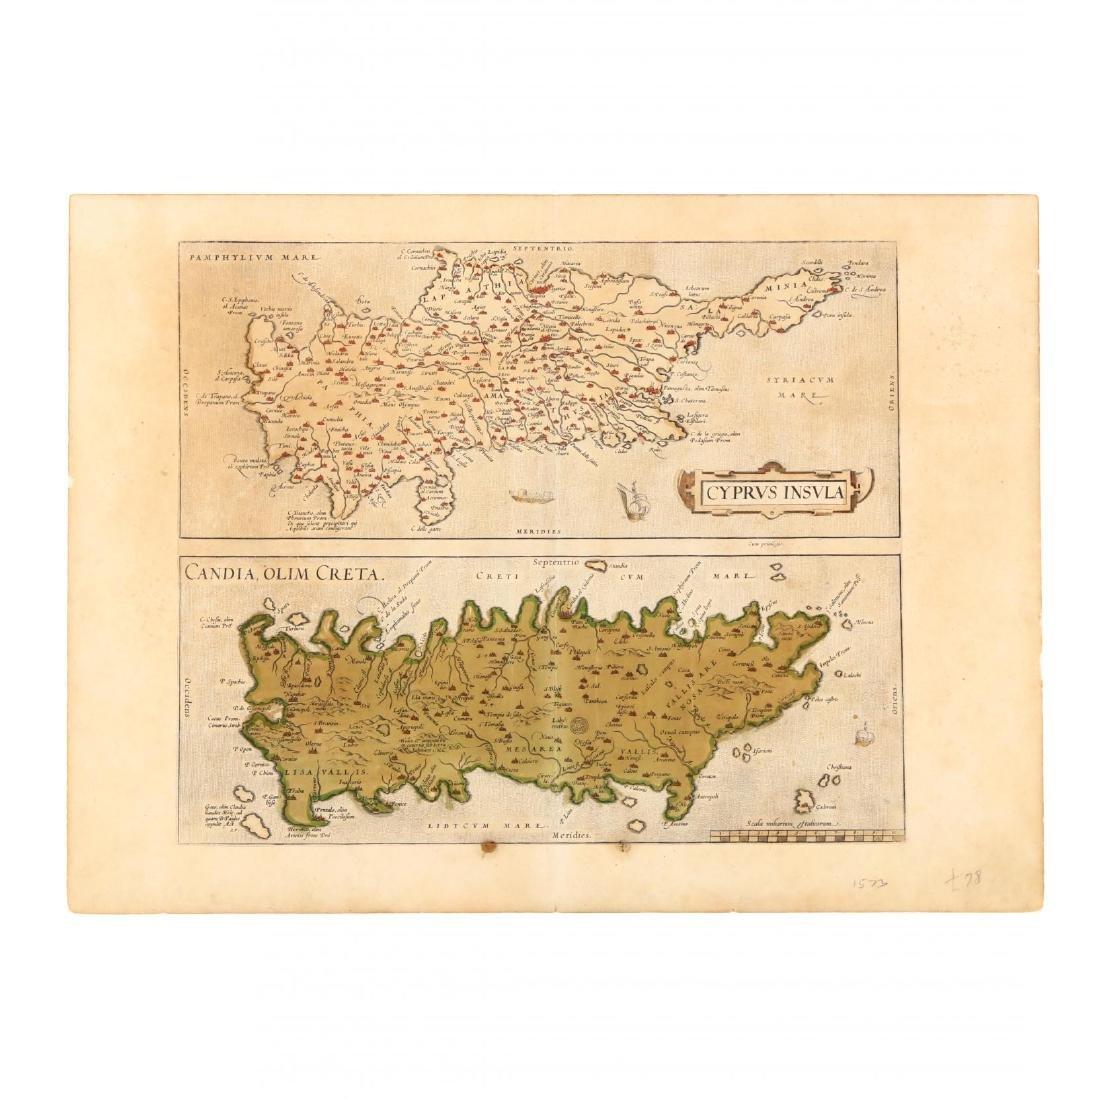 Ortelius, Abraham.  Cyprus Insula  with  Candia Olim